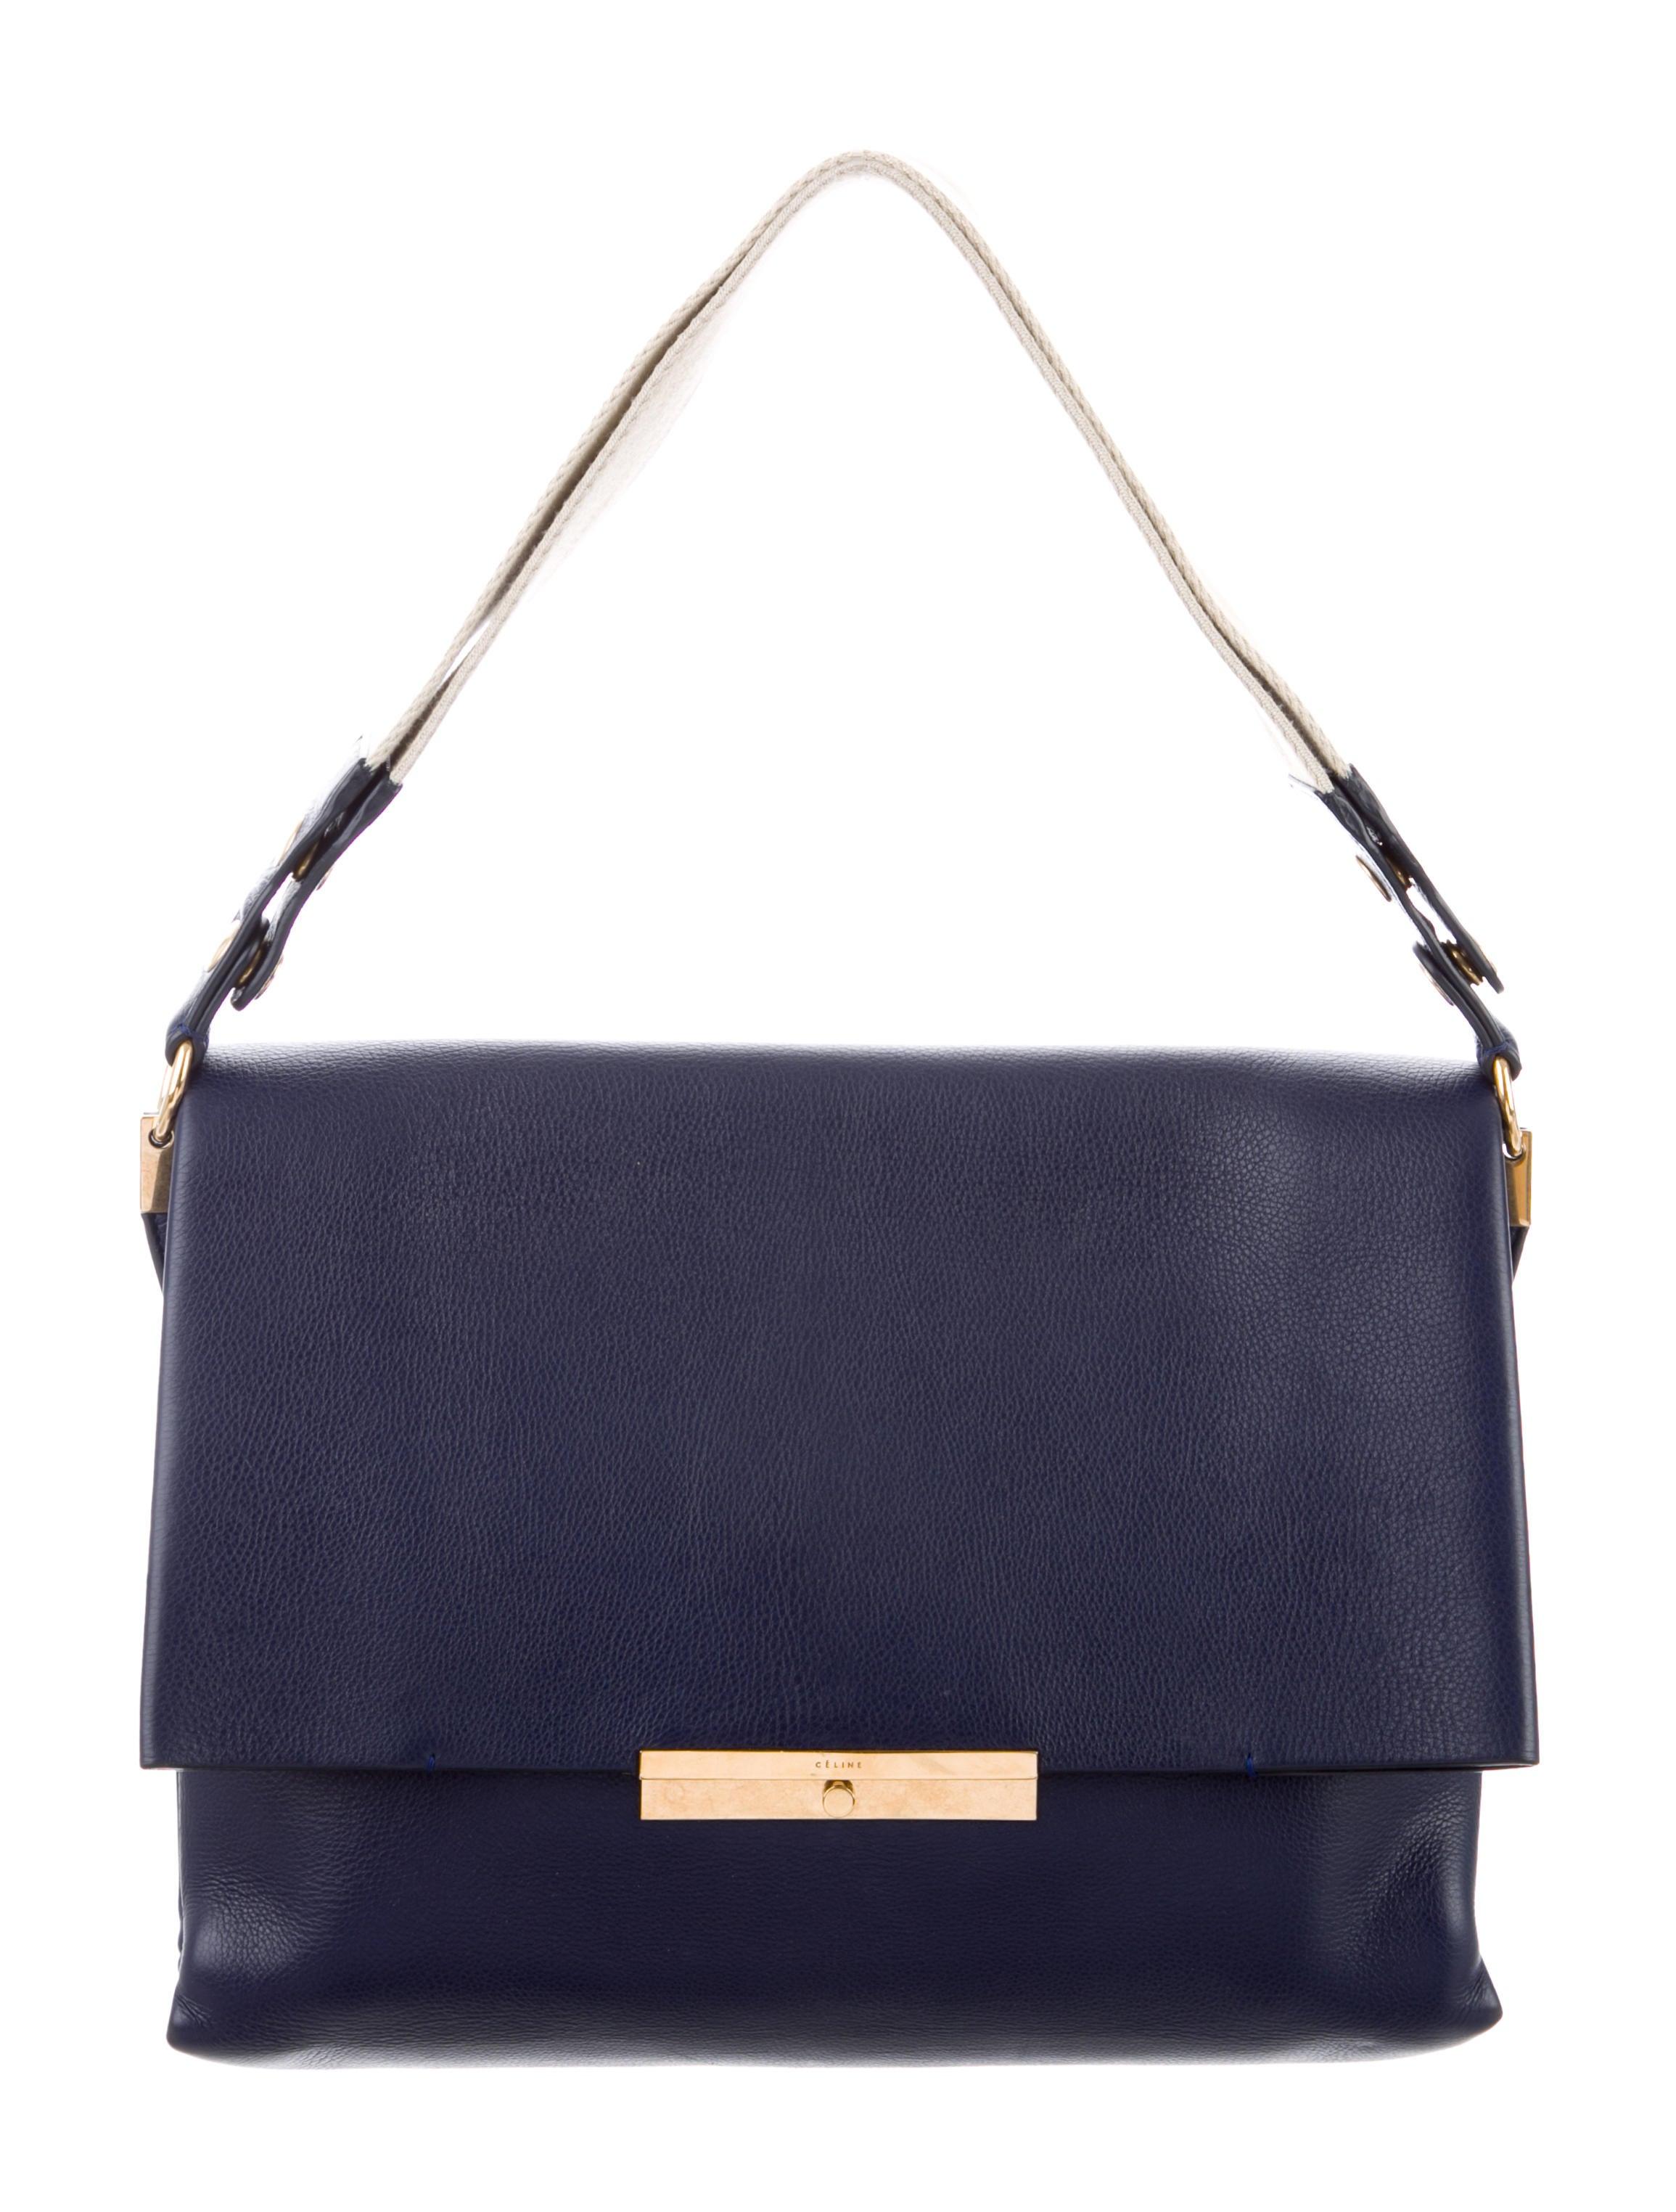 Bag Blade Shoulder Bag Céline Bag Shoulder Blade Blade Céline Céline  Shoulder 5qHt5 ... f179fb1fac516